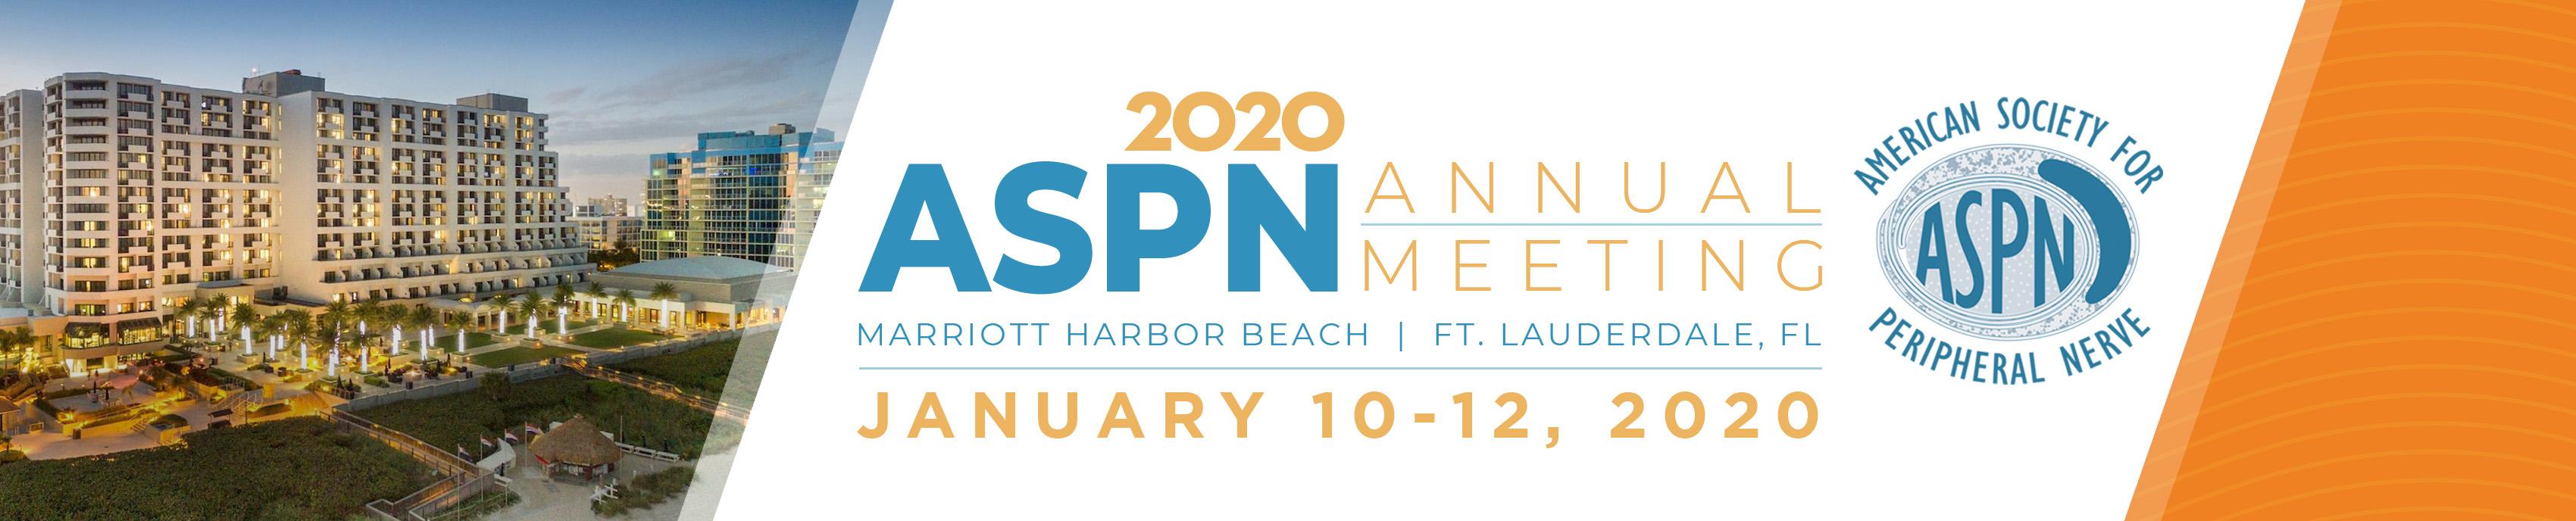 2020 ASPN Annual Meeting